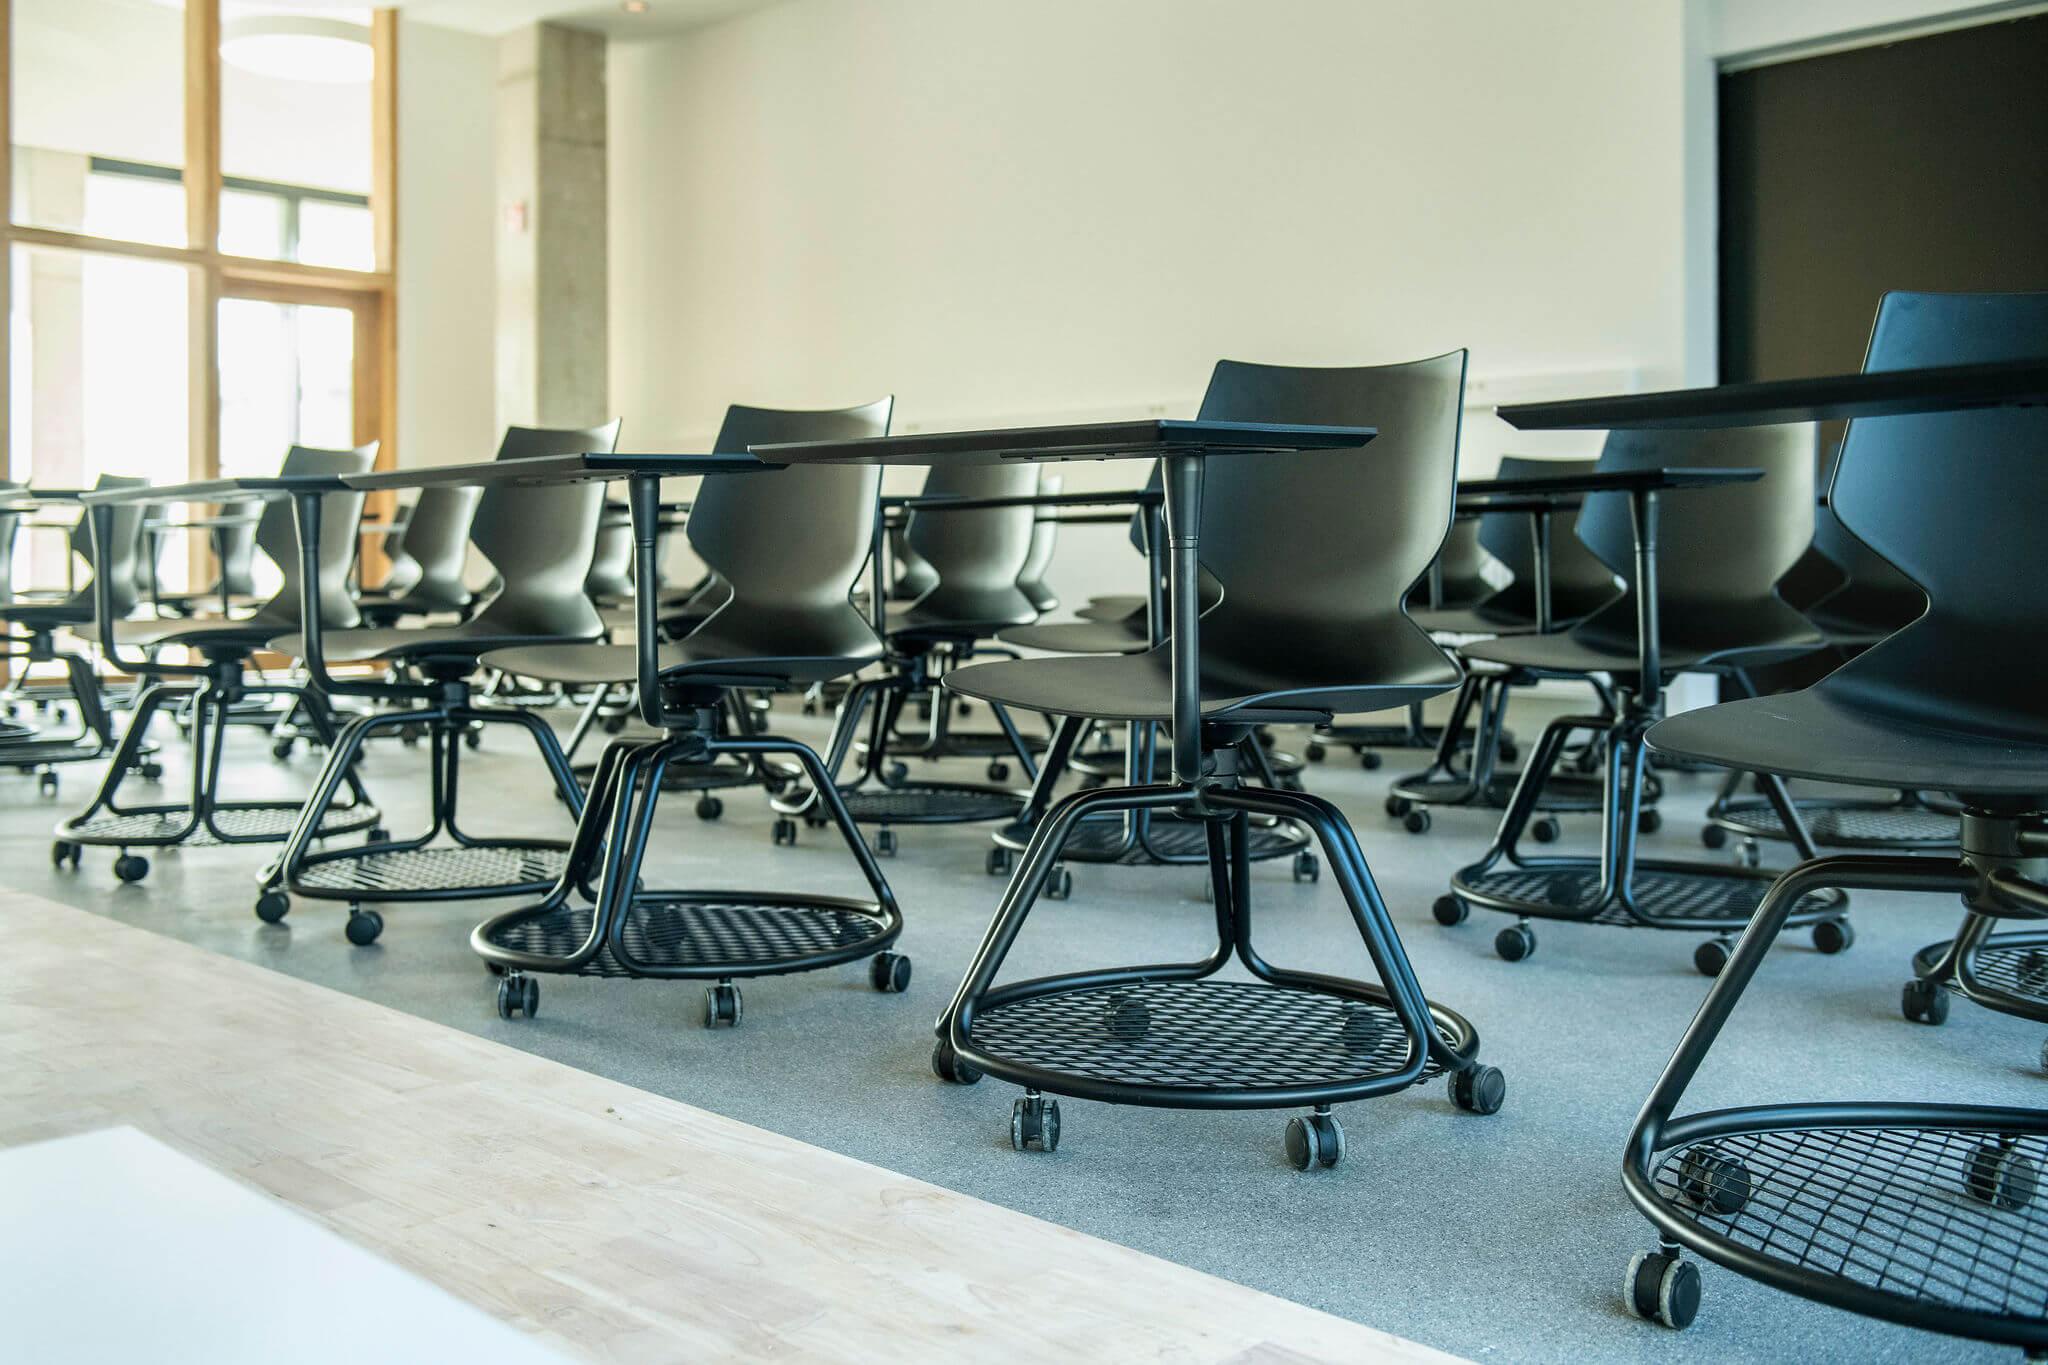 Leslokaal Vives Kortrijk met unieke all-in-one stoel incl. schrijftablet, wielen en opbergruimte voor rugzakken en handtassen.